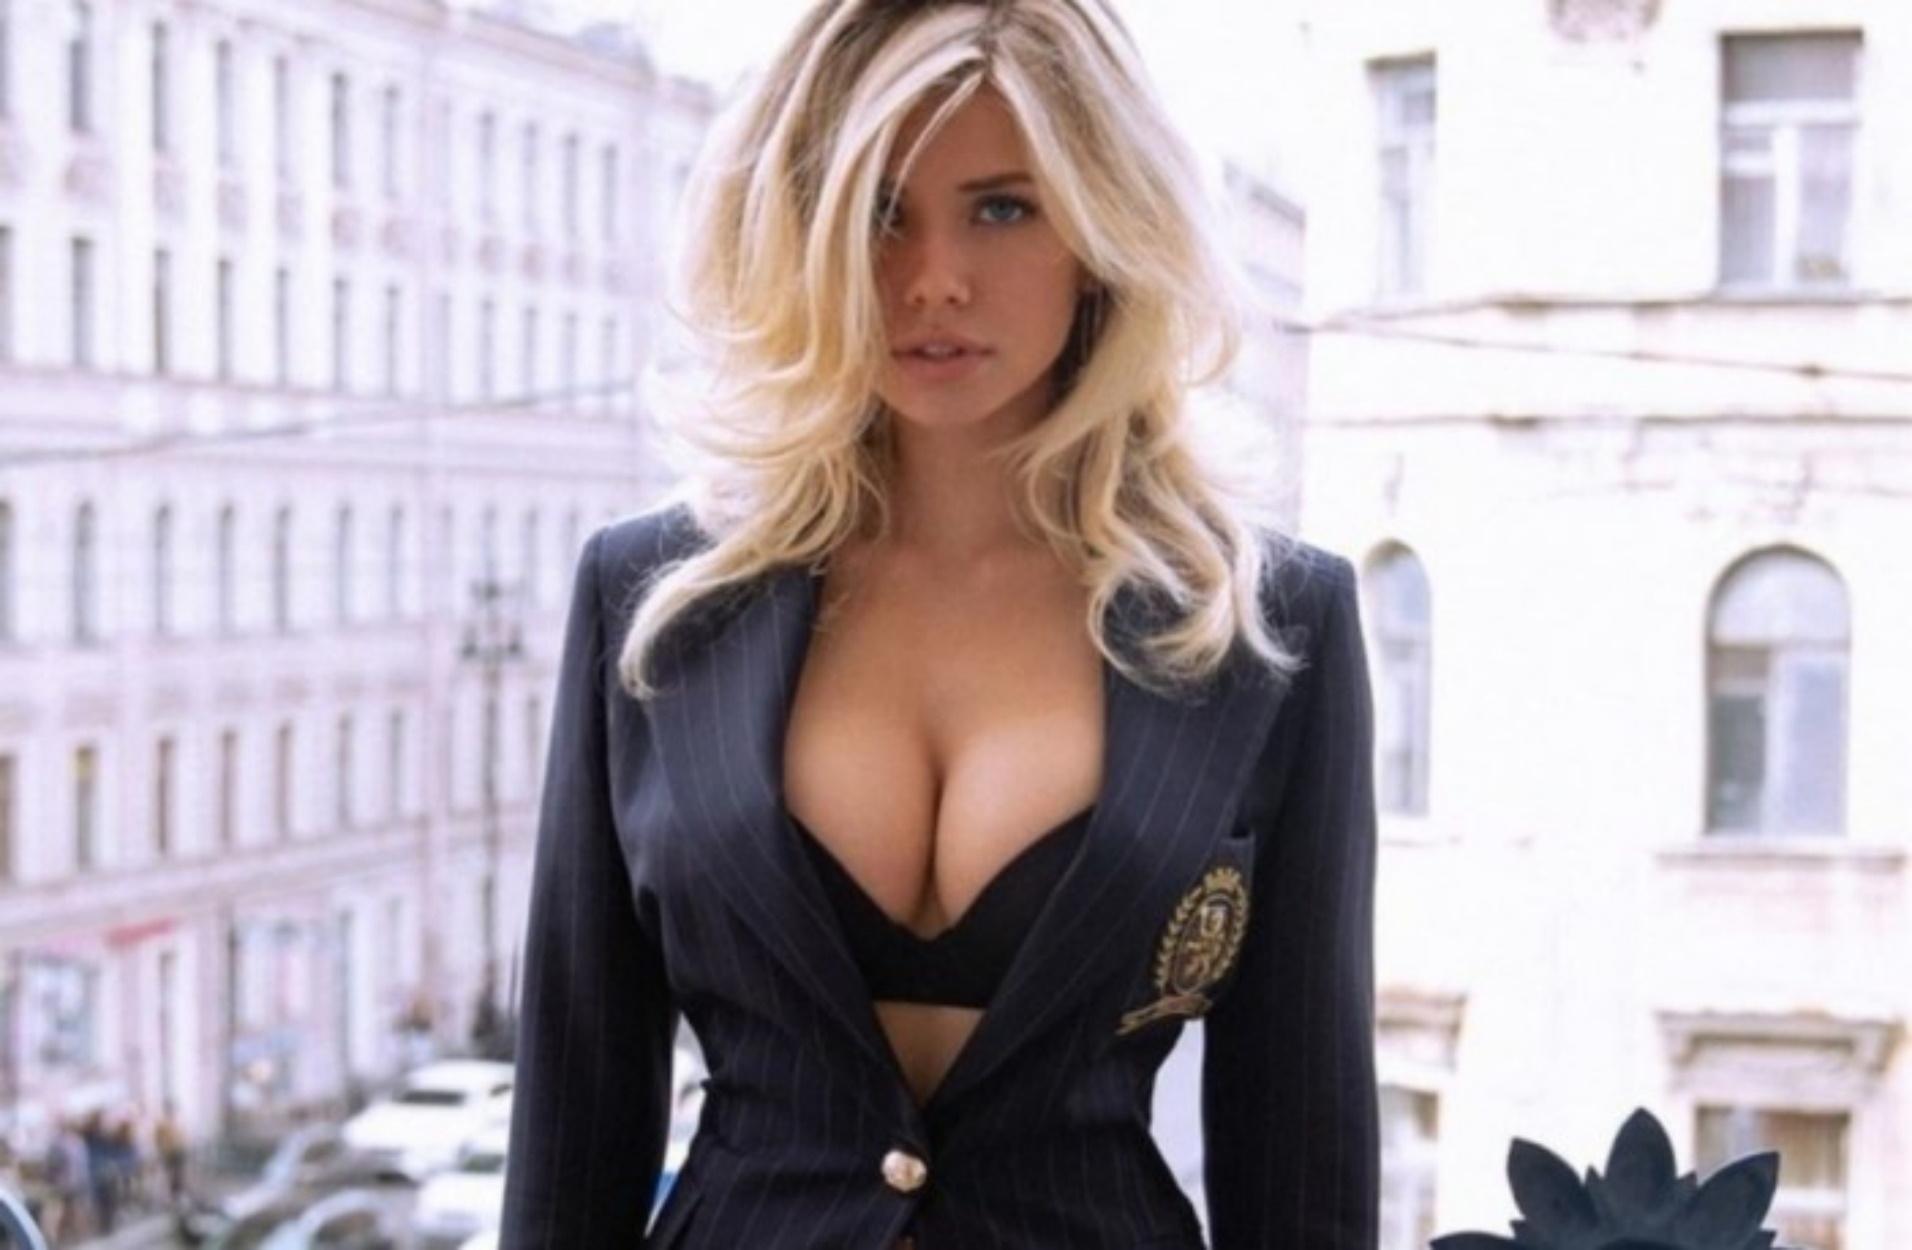 Η 21χρονη Ρωσίδα καλλονή που θεωρείται η πιο σέξι DJ του κόσμου!